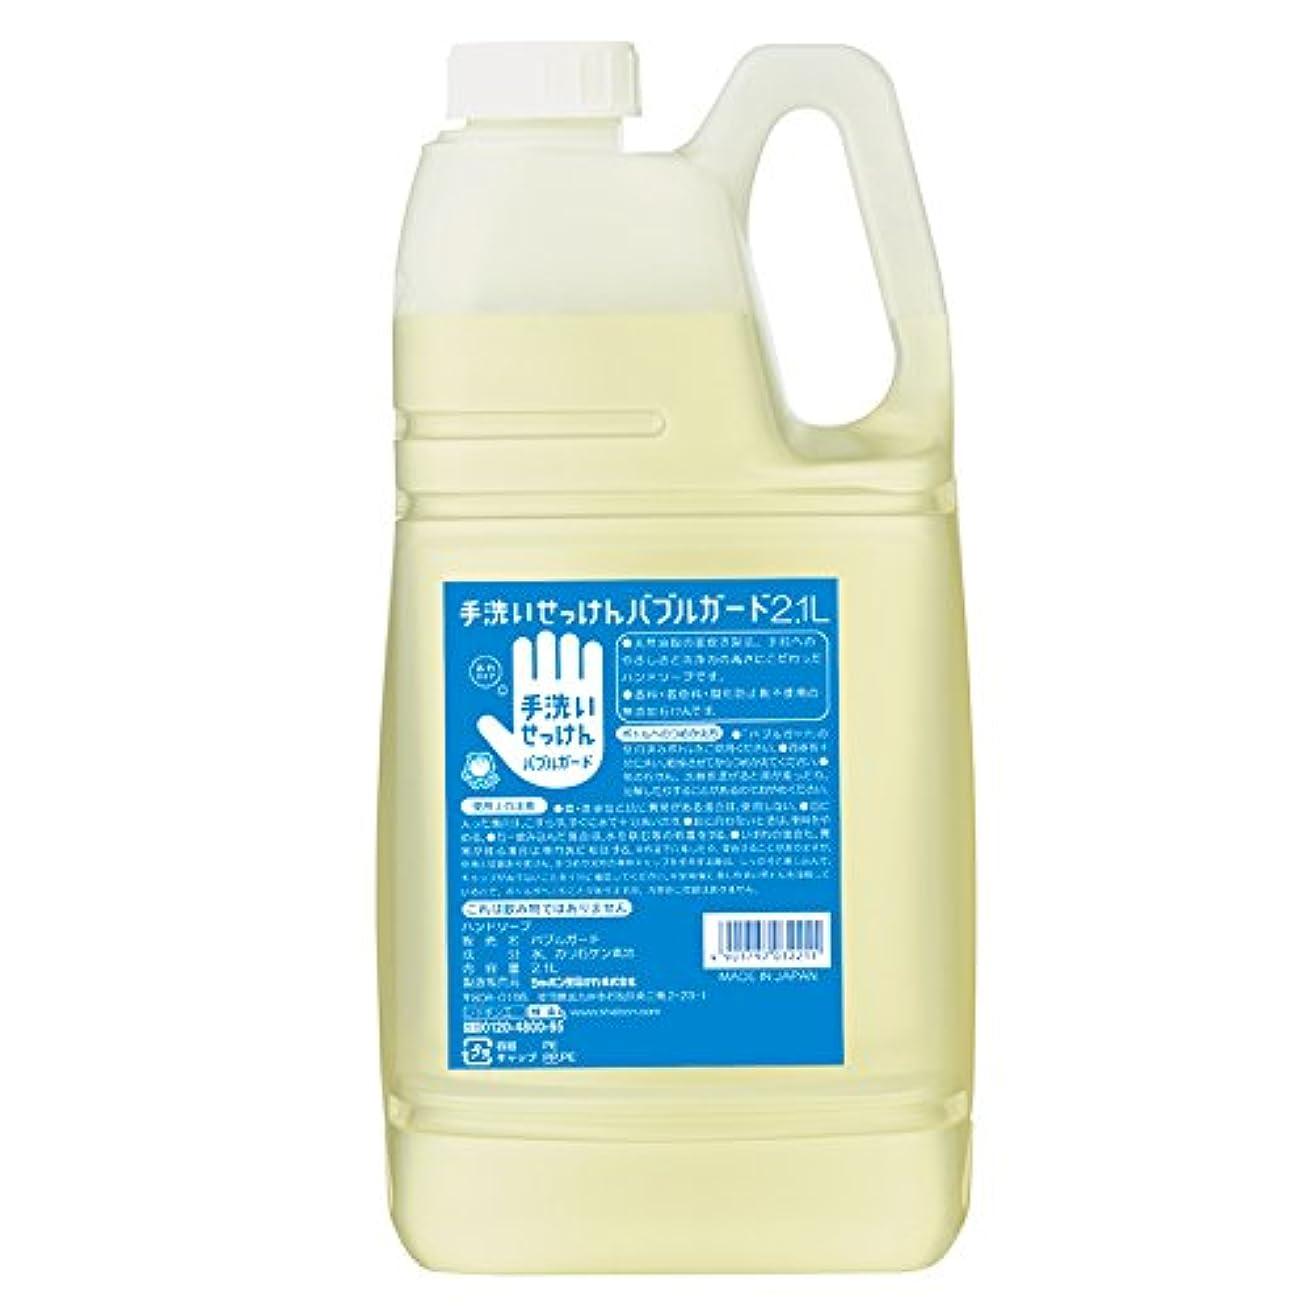 重要利点一シャボン玉石けん 手洗いせっけん?ハンドソープ バブルガード 2.1L